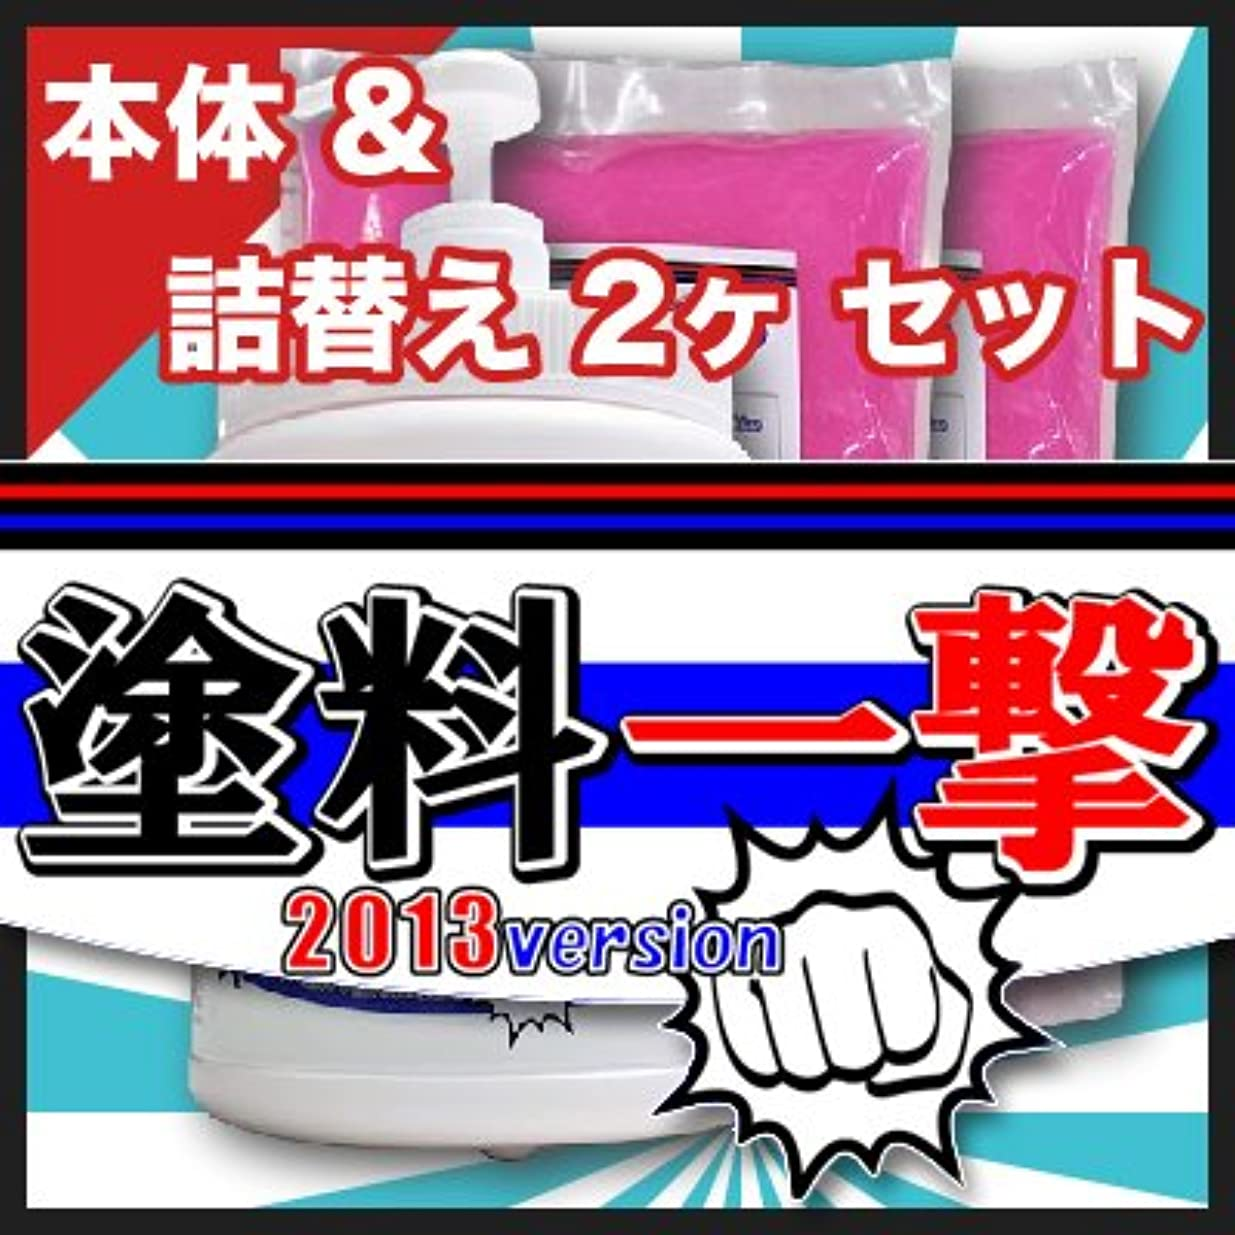 アロング花意見D.Iプランニング 塗料一撃 2013 Version 本体 (1.5kg) & 詰替え (1.2kg x 2ヶ)